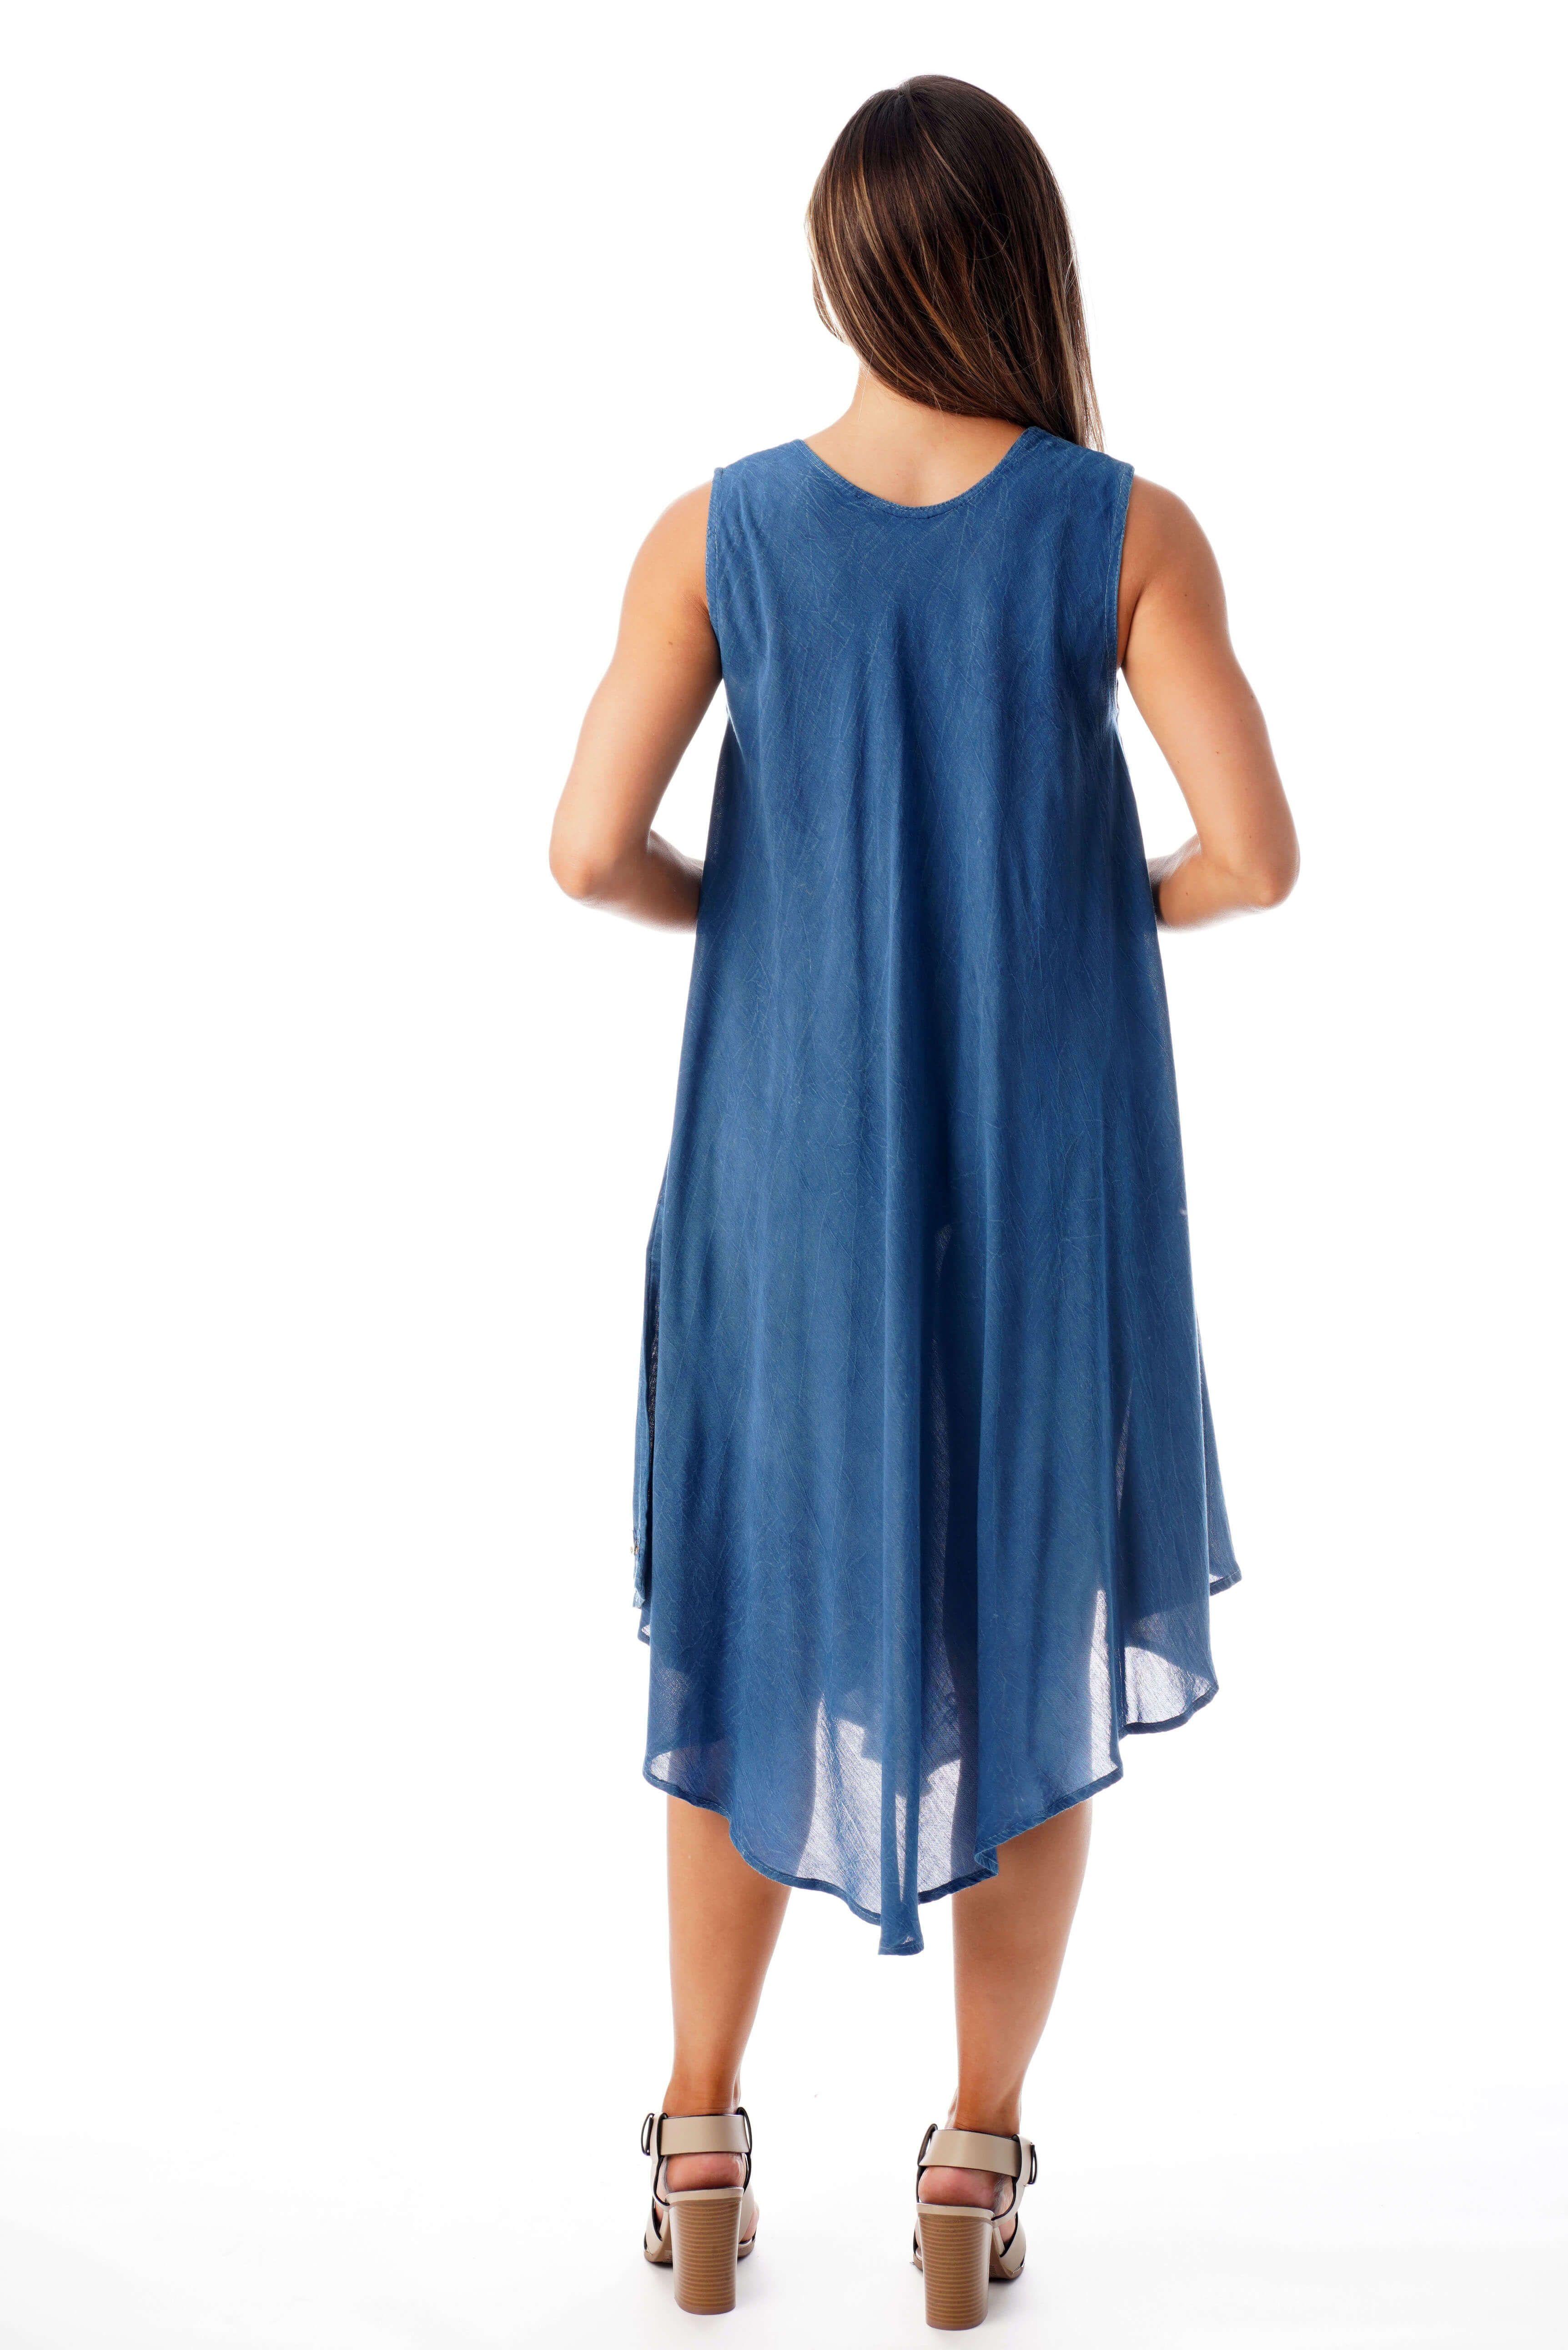 Riviera Sun 21660 Nvy M Riviera Sun Dress Dresses For Women Walmart Com Embroidered Summer Dress Womens Dresses Sundresses Women [ 5168 x 3448 Pixel ]